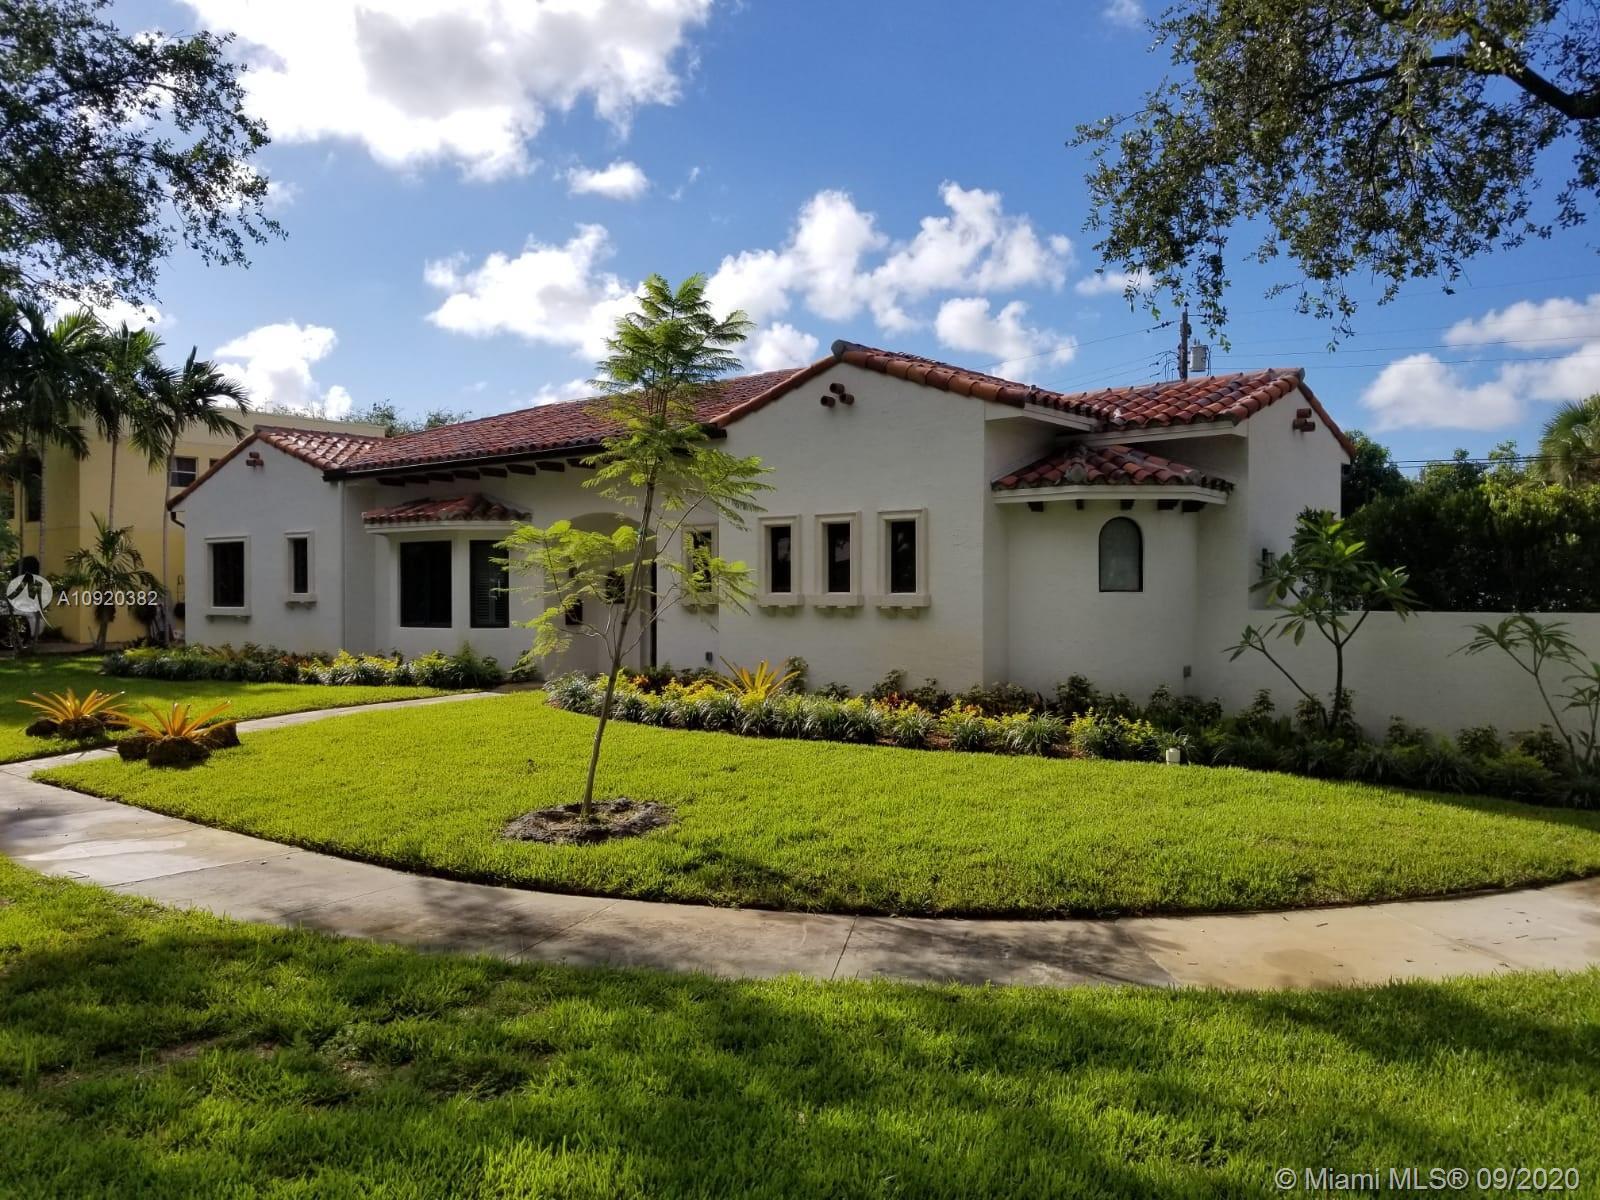 Miami Shores - 910 NE 99th St, Miami Shores, FL 33138